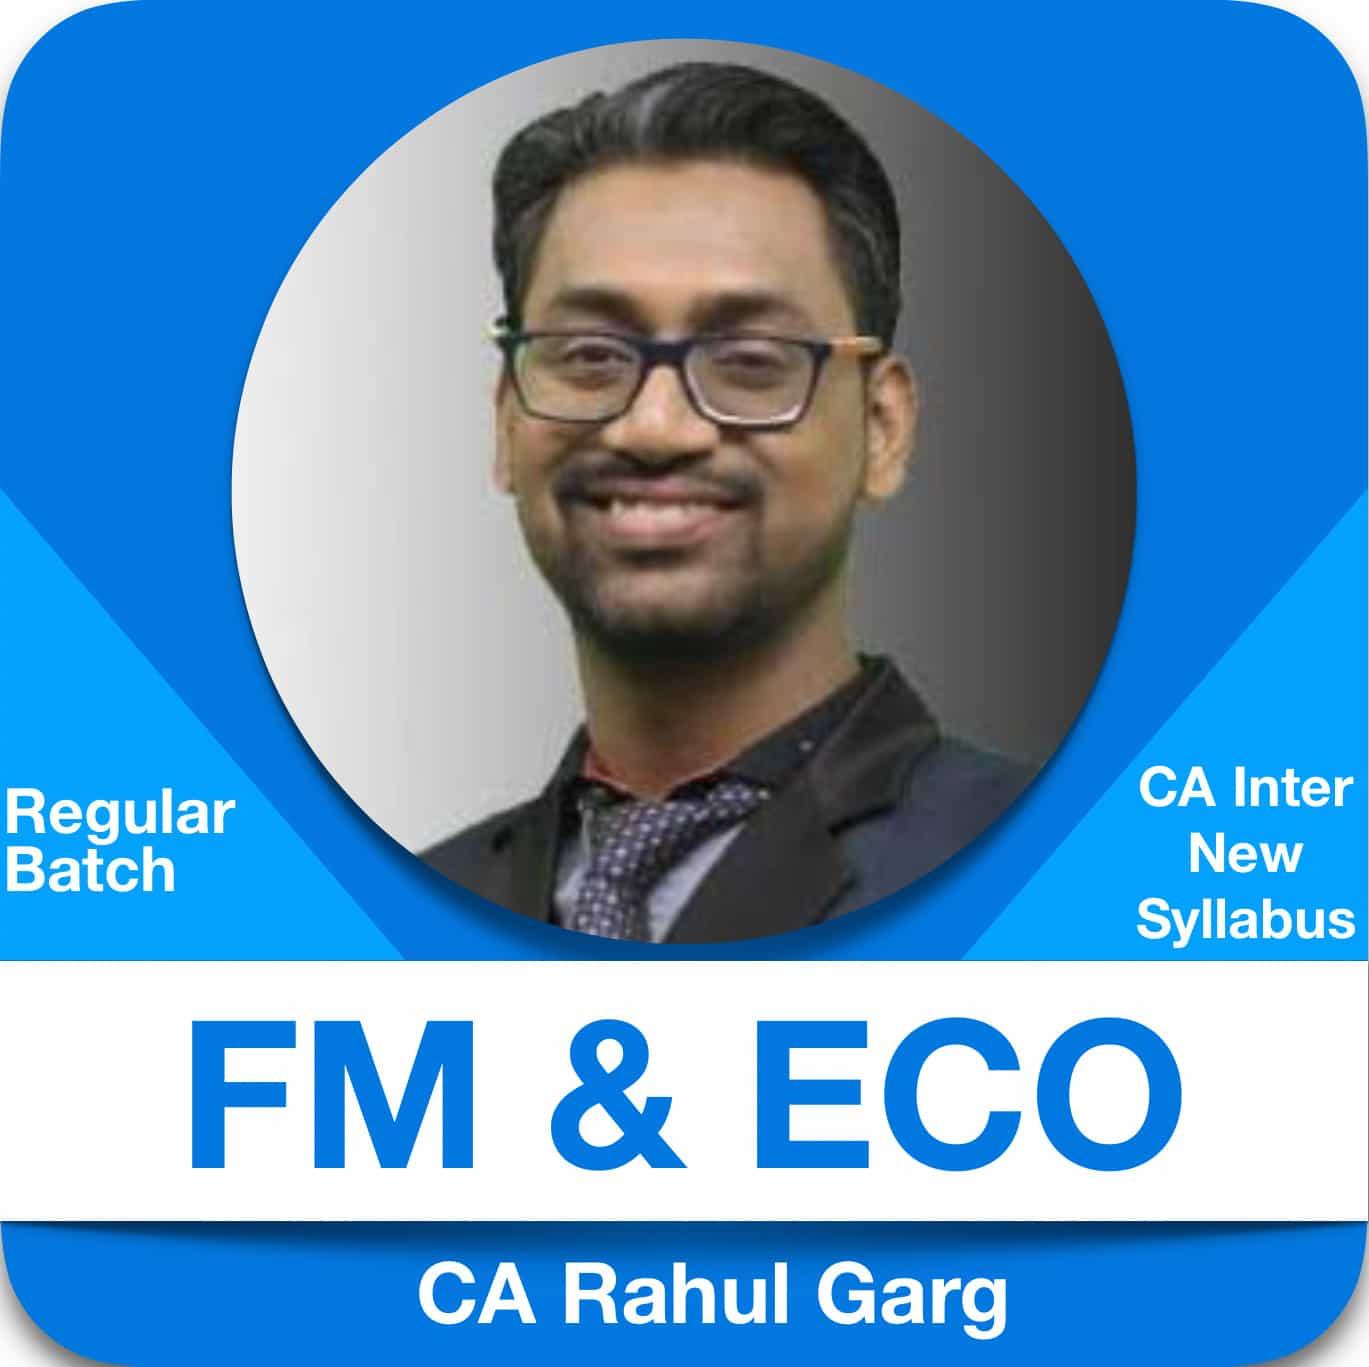 FM & ECO Regular Batch